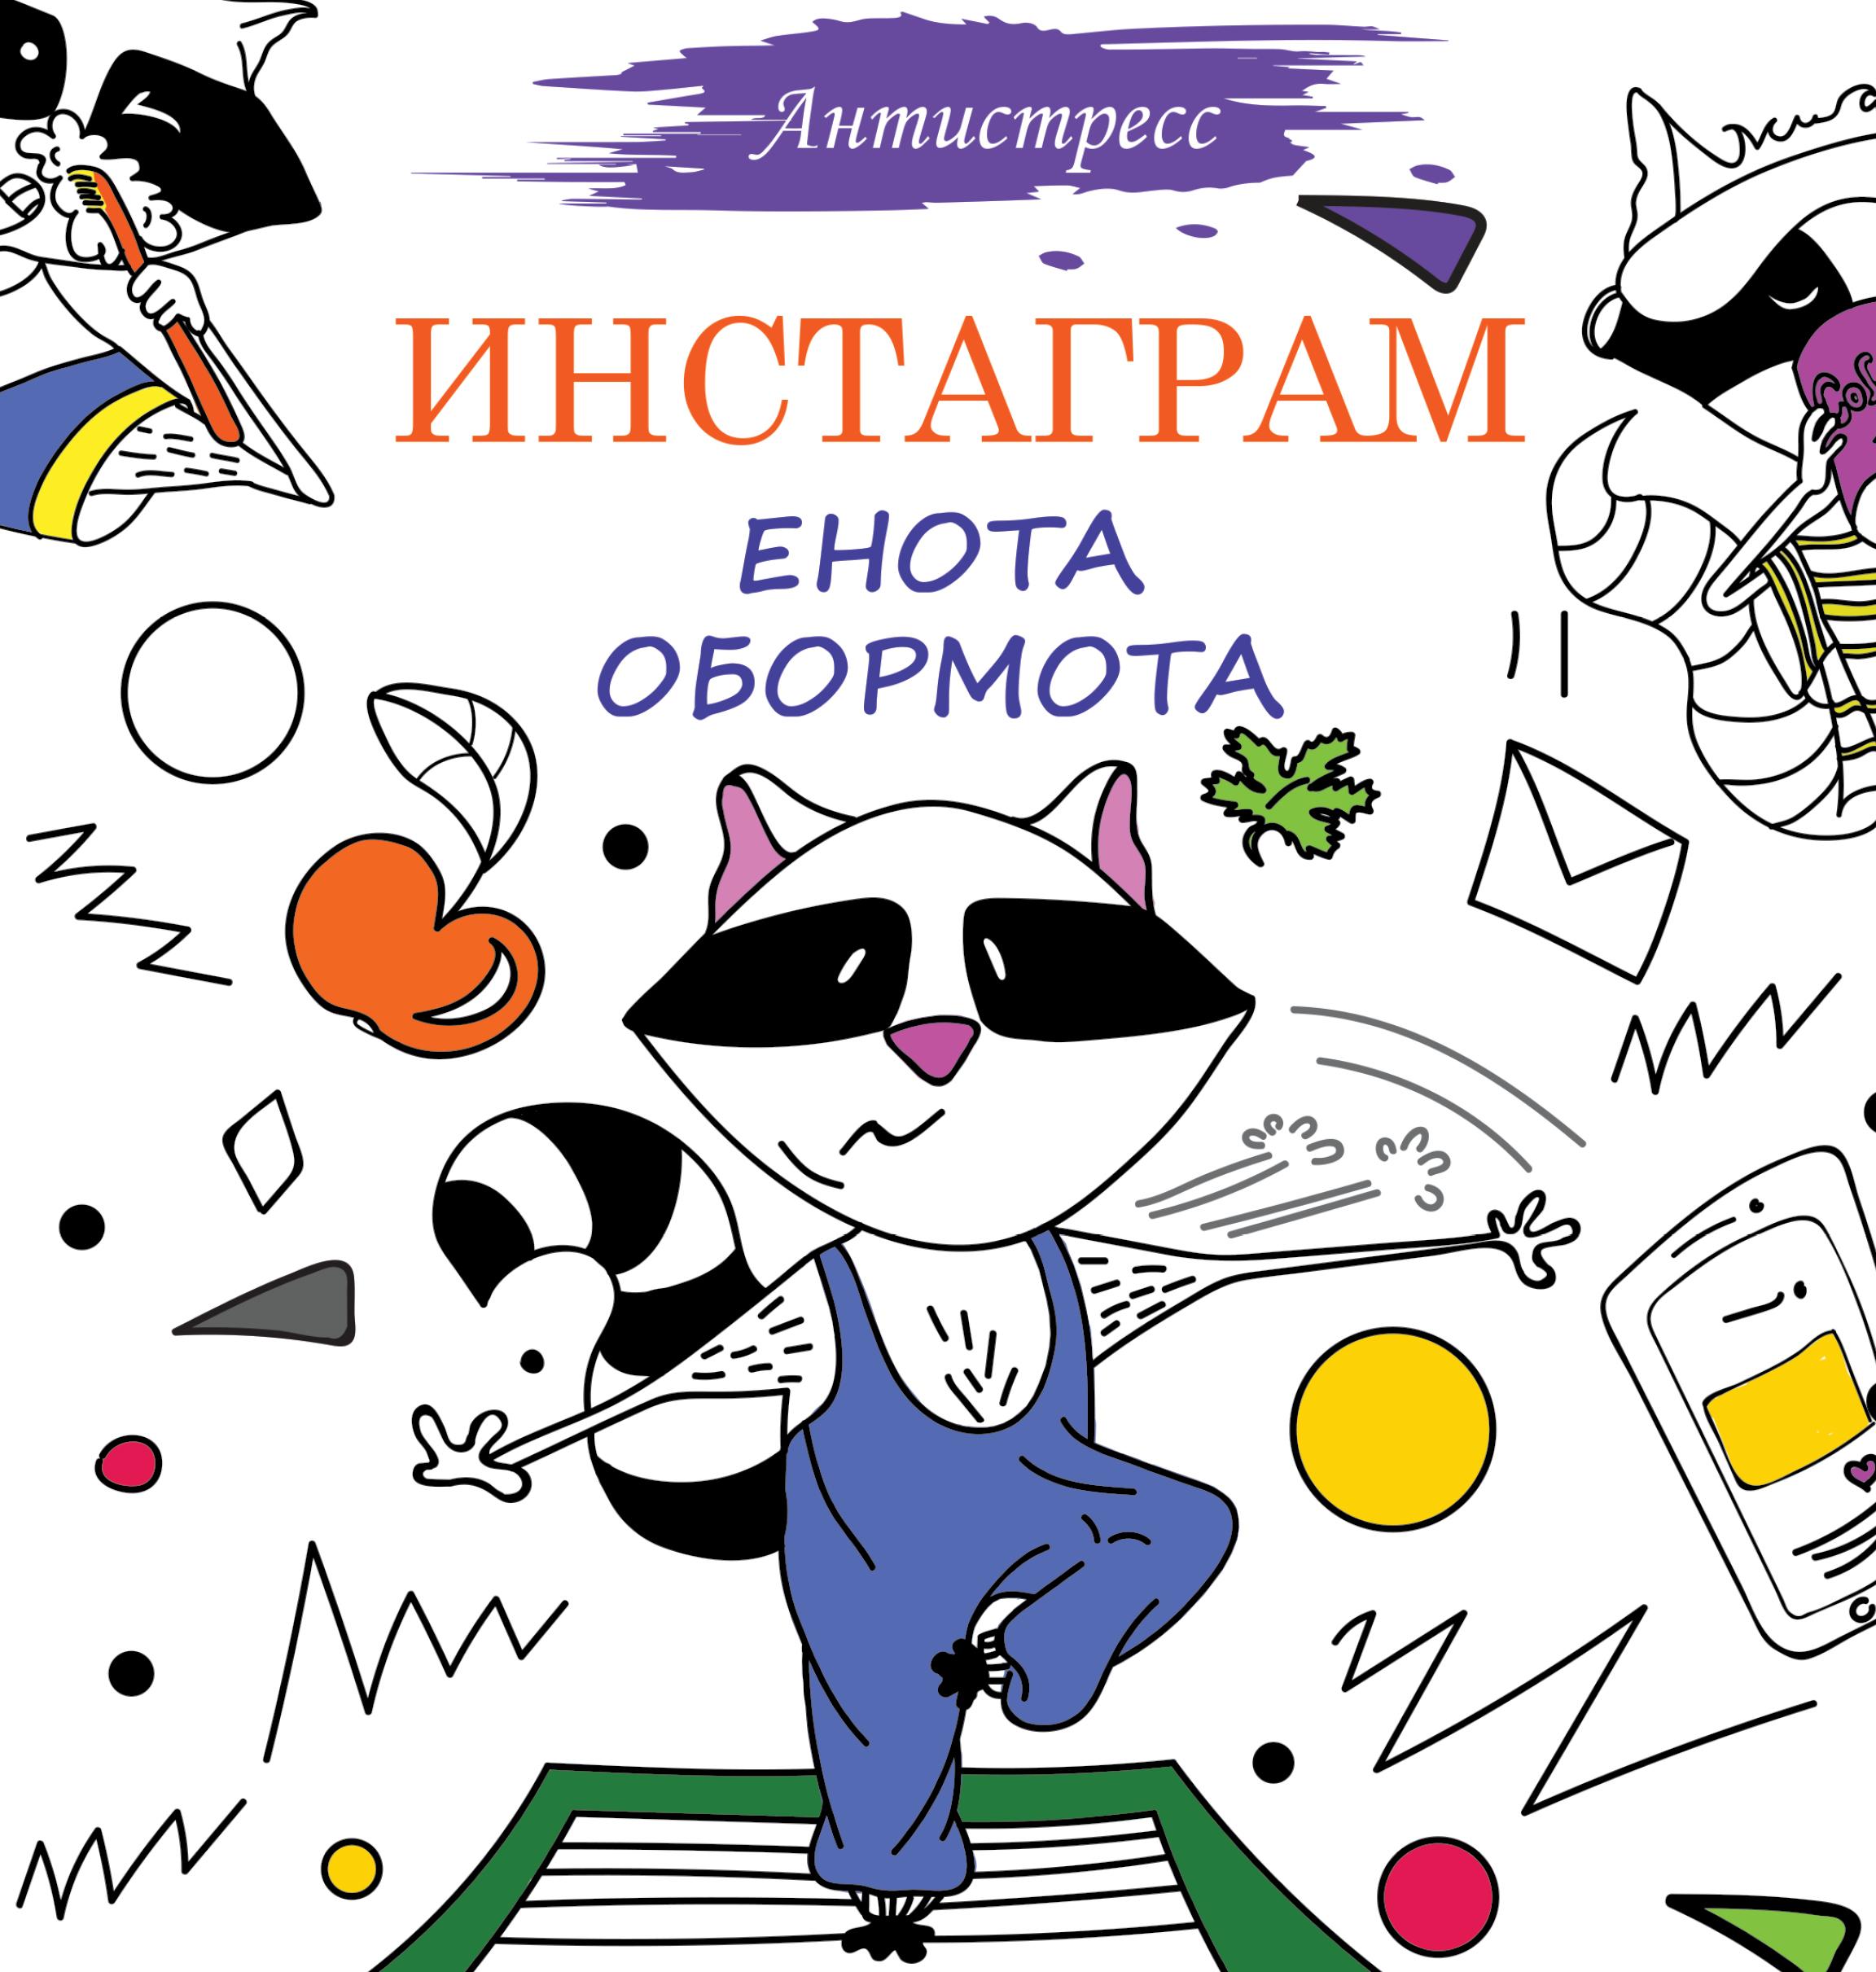 Елена Вороникова Инстаграм Енота Обормота биссел анжела моя судьба в твоих руках